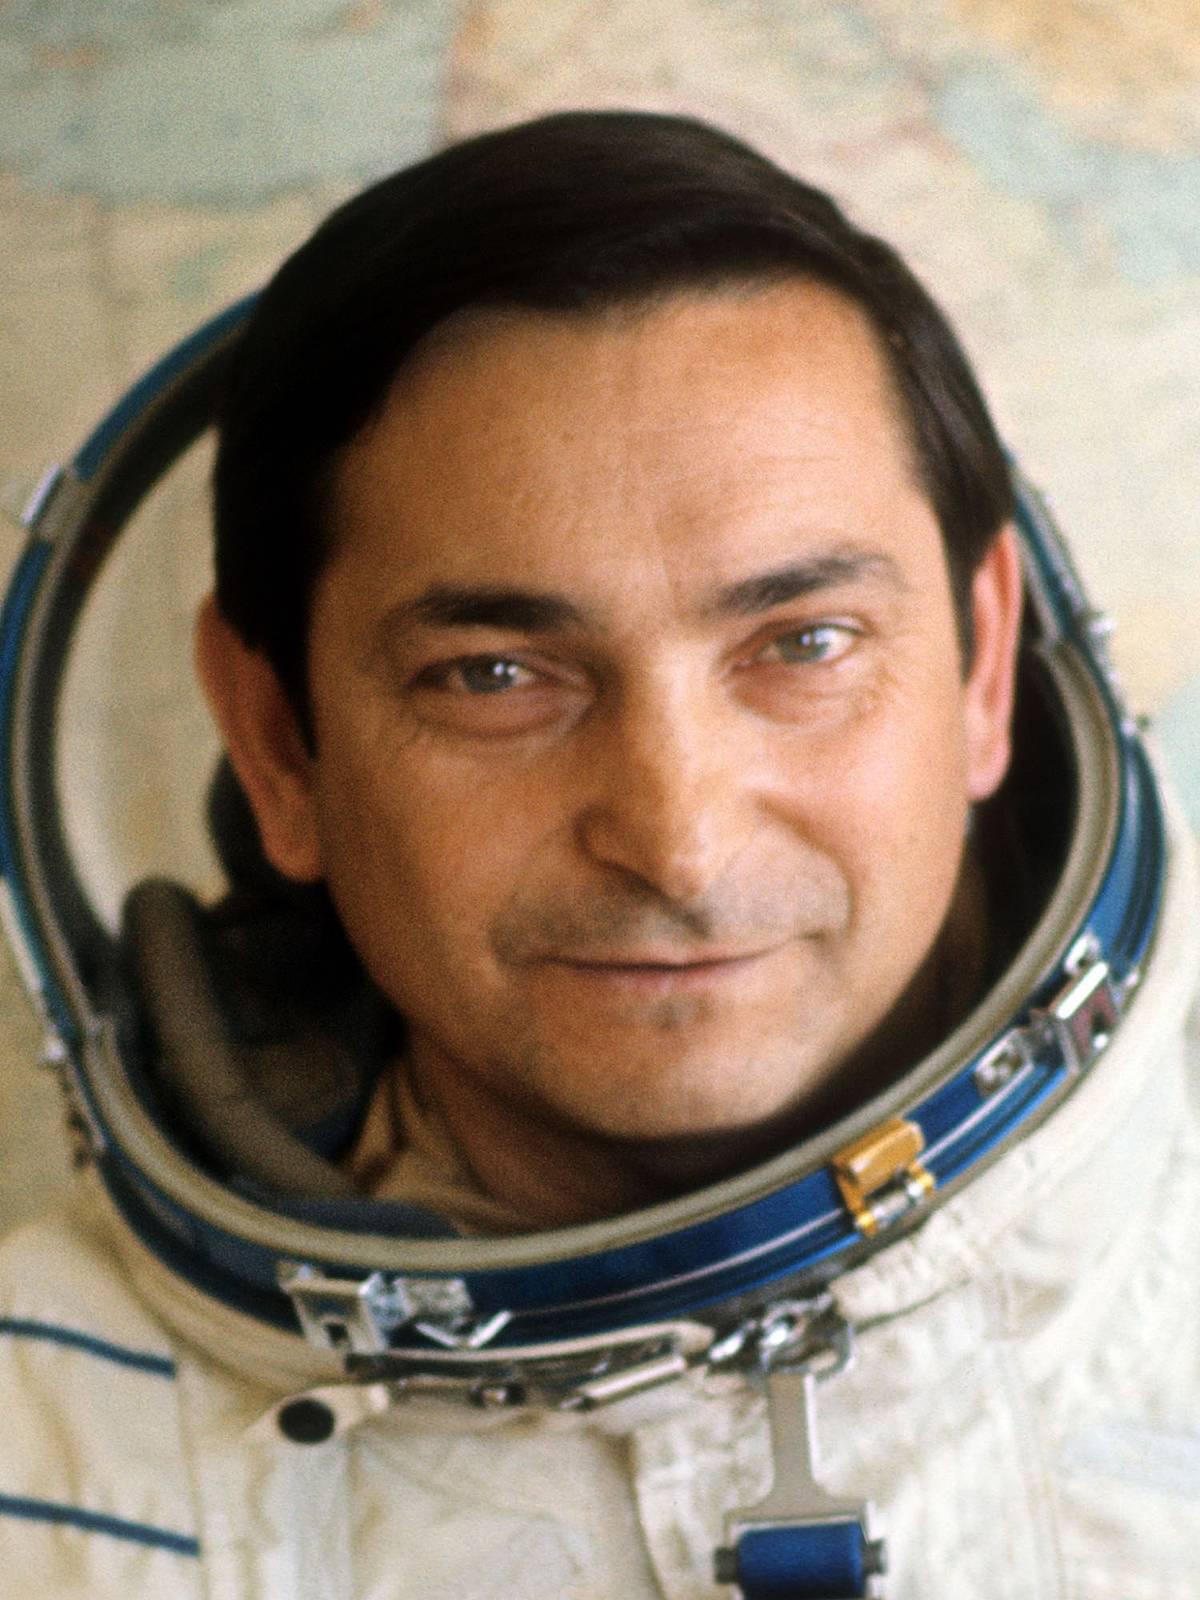 быковский космонавт